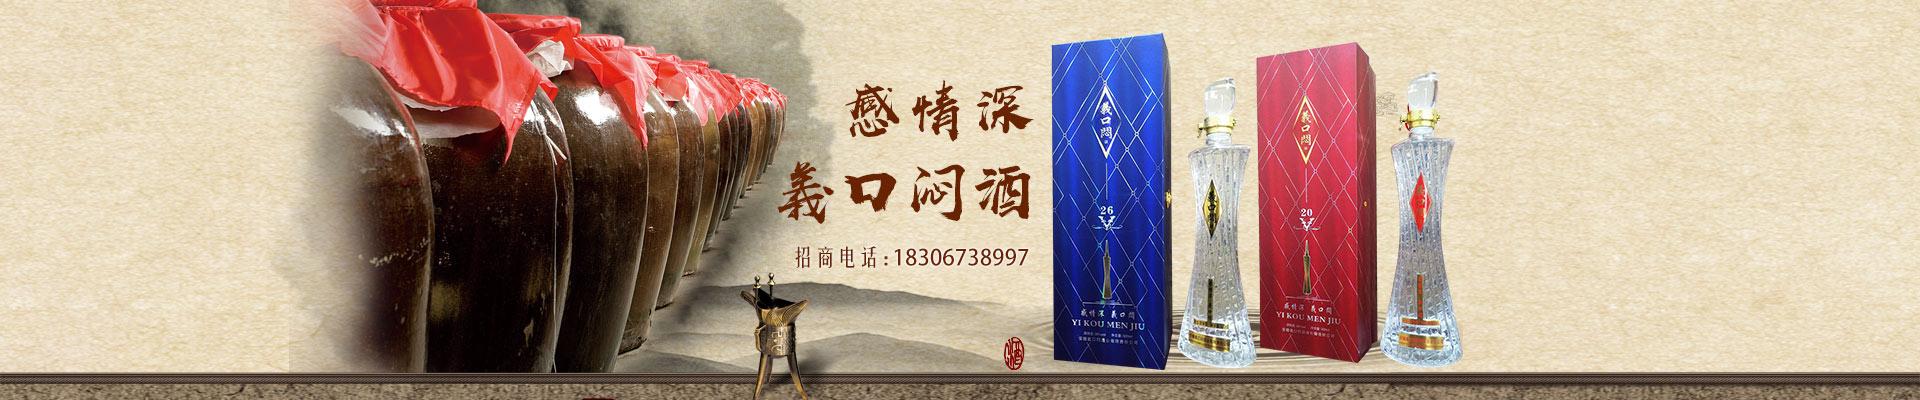 安徽古井镇�x口闷酒业公司